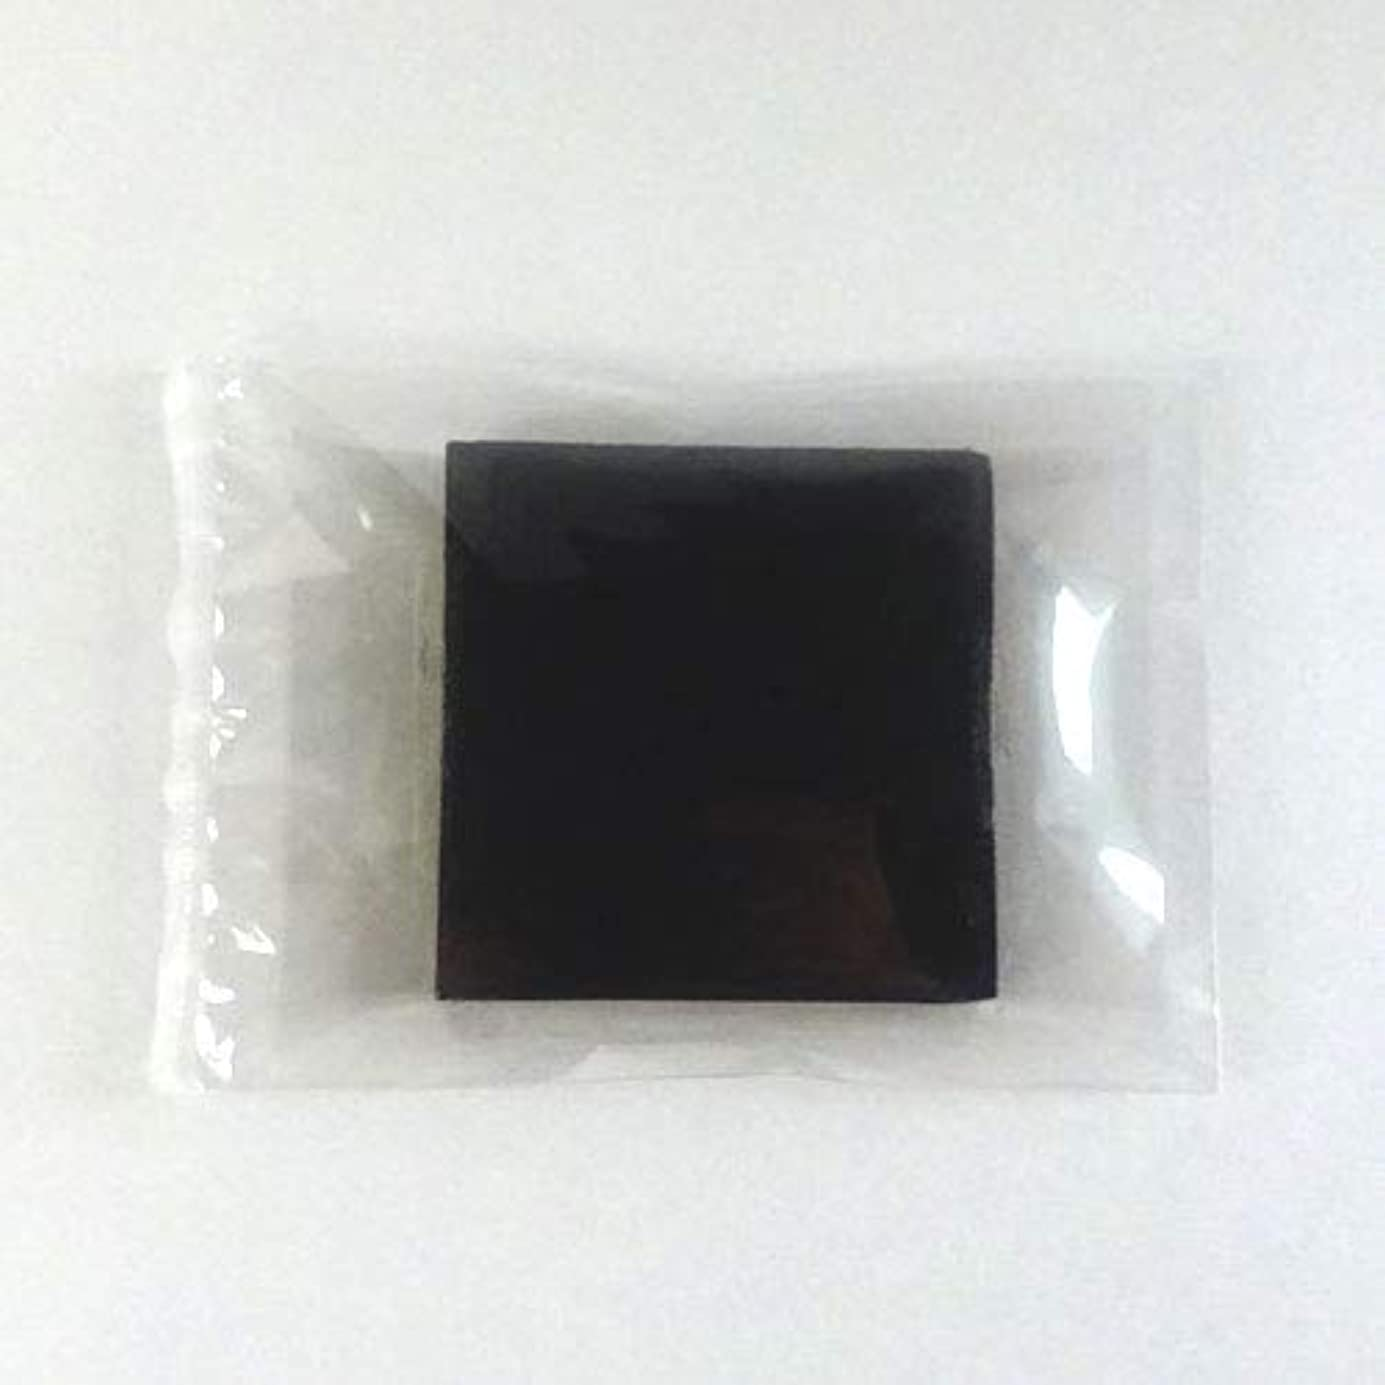 物理的なフルーティー珍しいグリセリンソープ MPソープ 色チップ 黒(ブラック) 30g